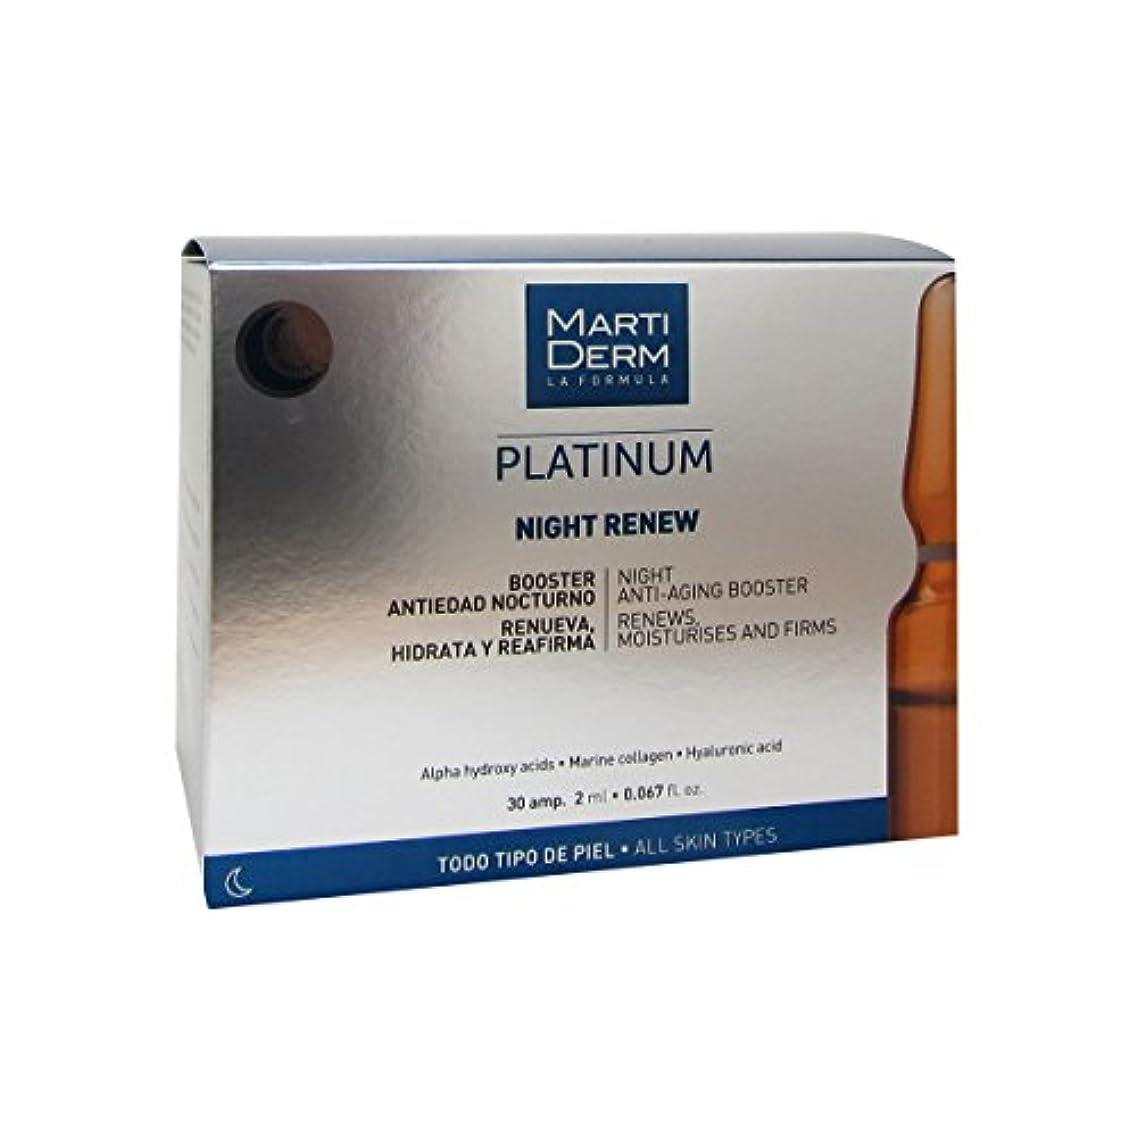 レーザ通信網バルブMartiderm Platinum Night Renew Ampoules 30ampx2ml [並行輸入品]